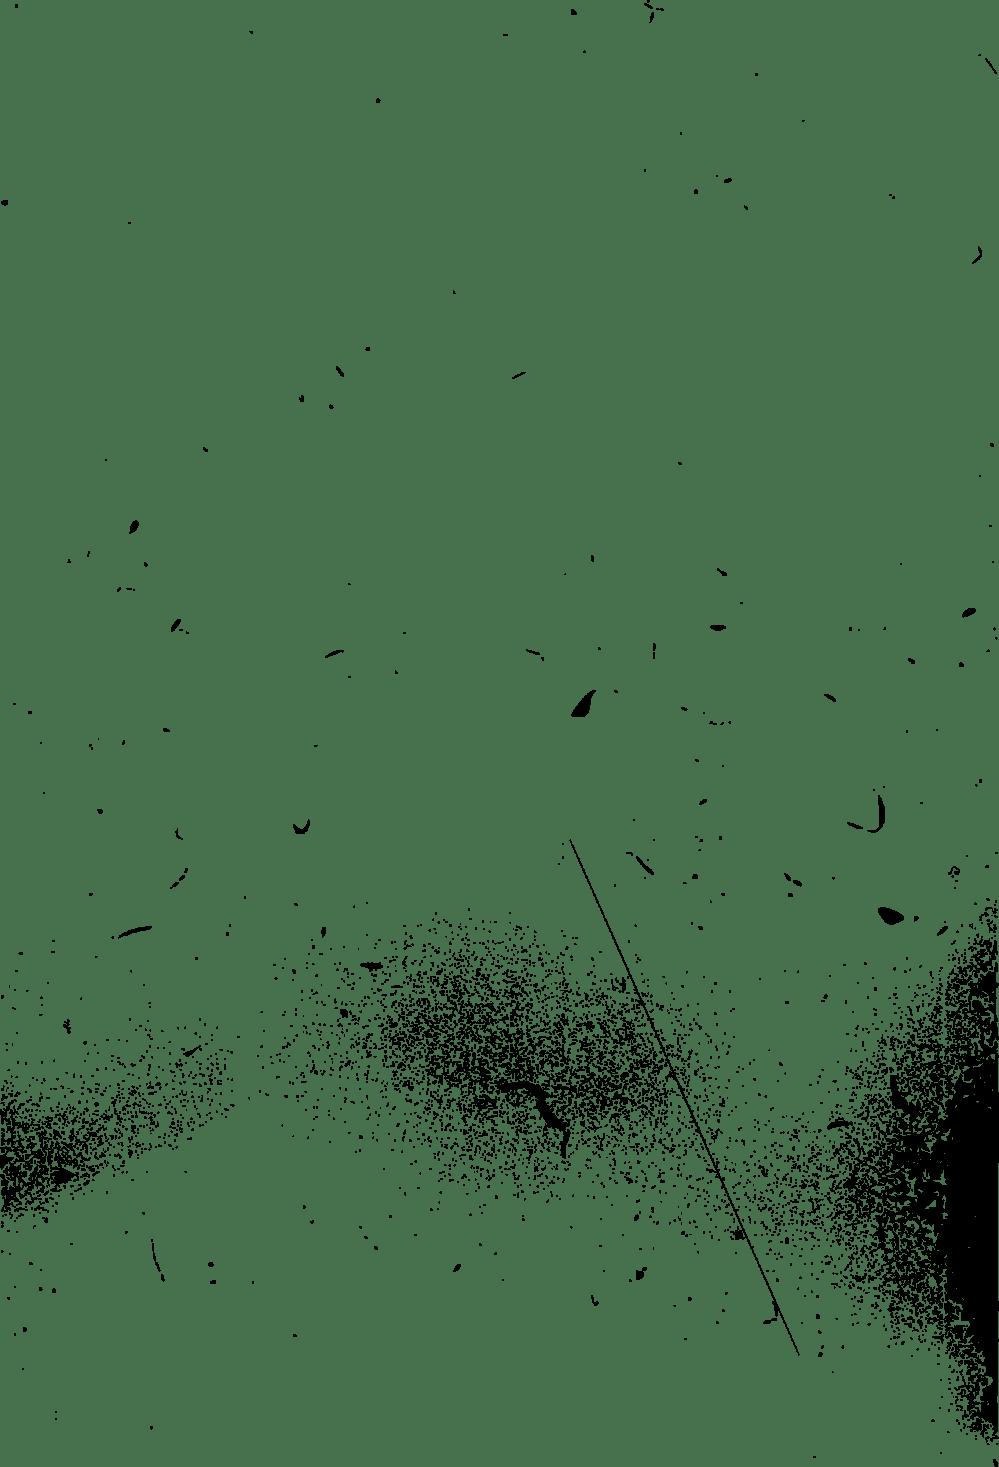 medium resolution of download film grain clipart 9 jpg